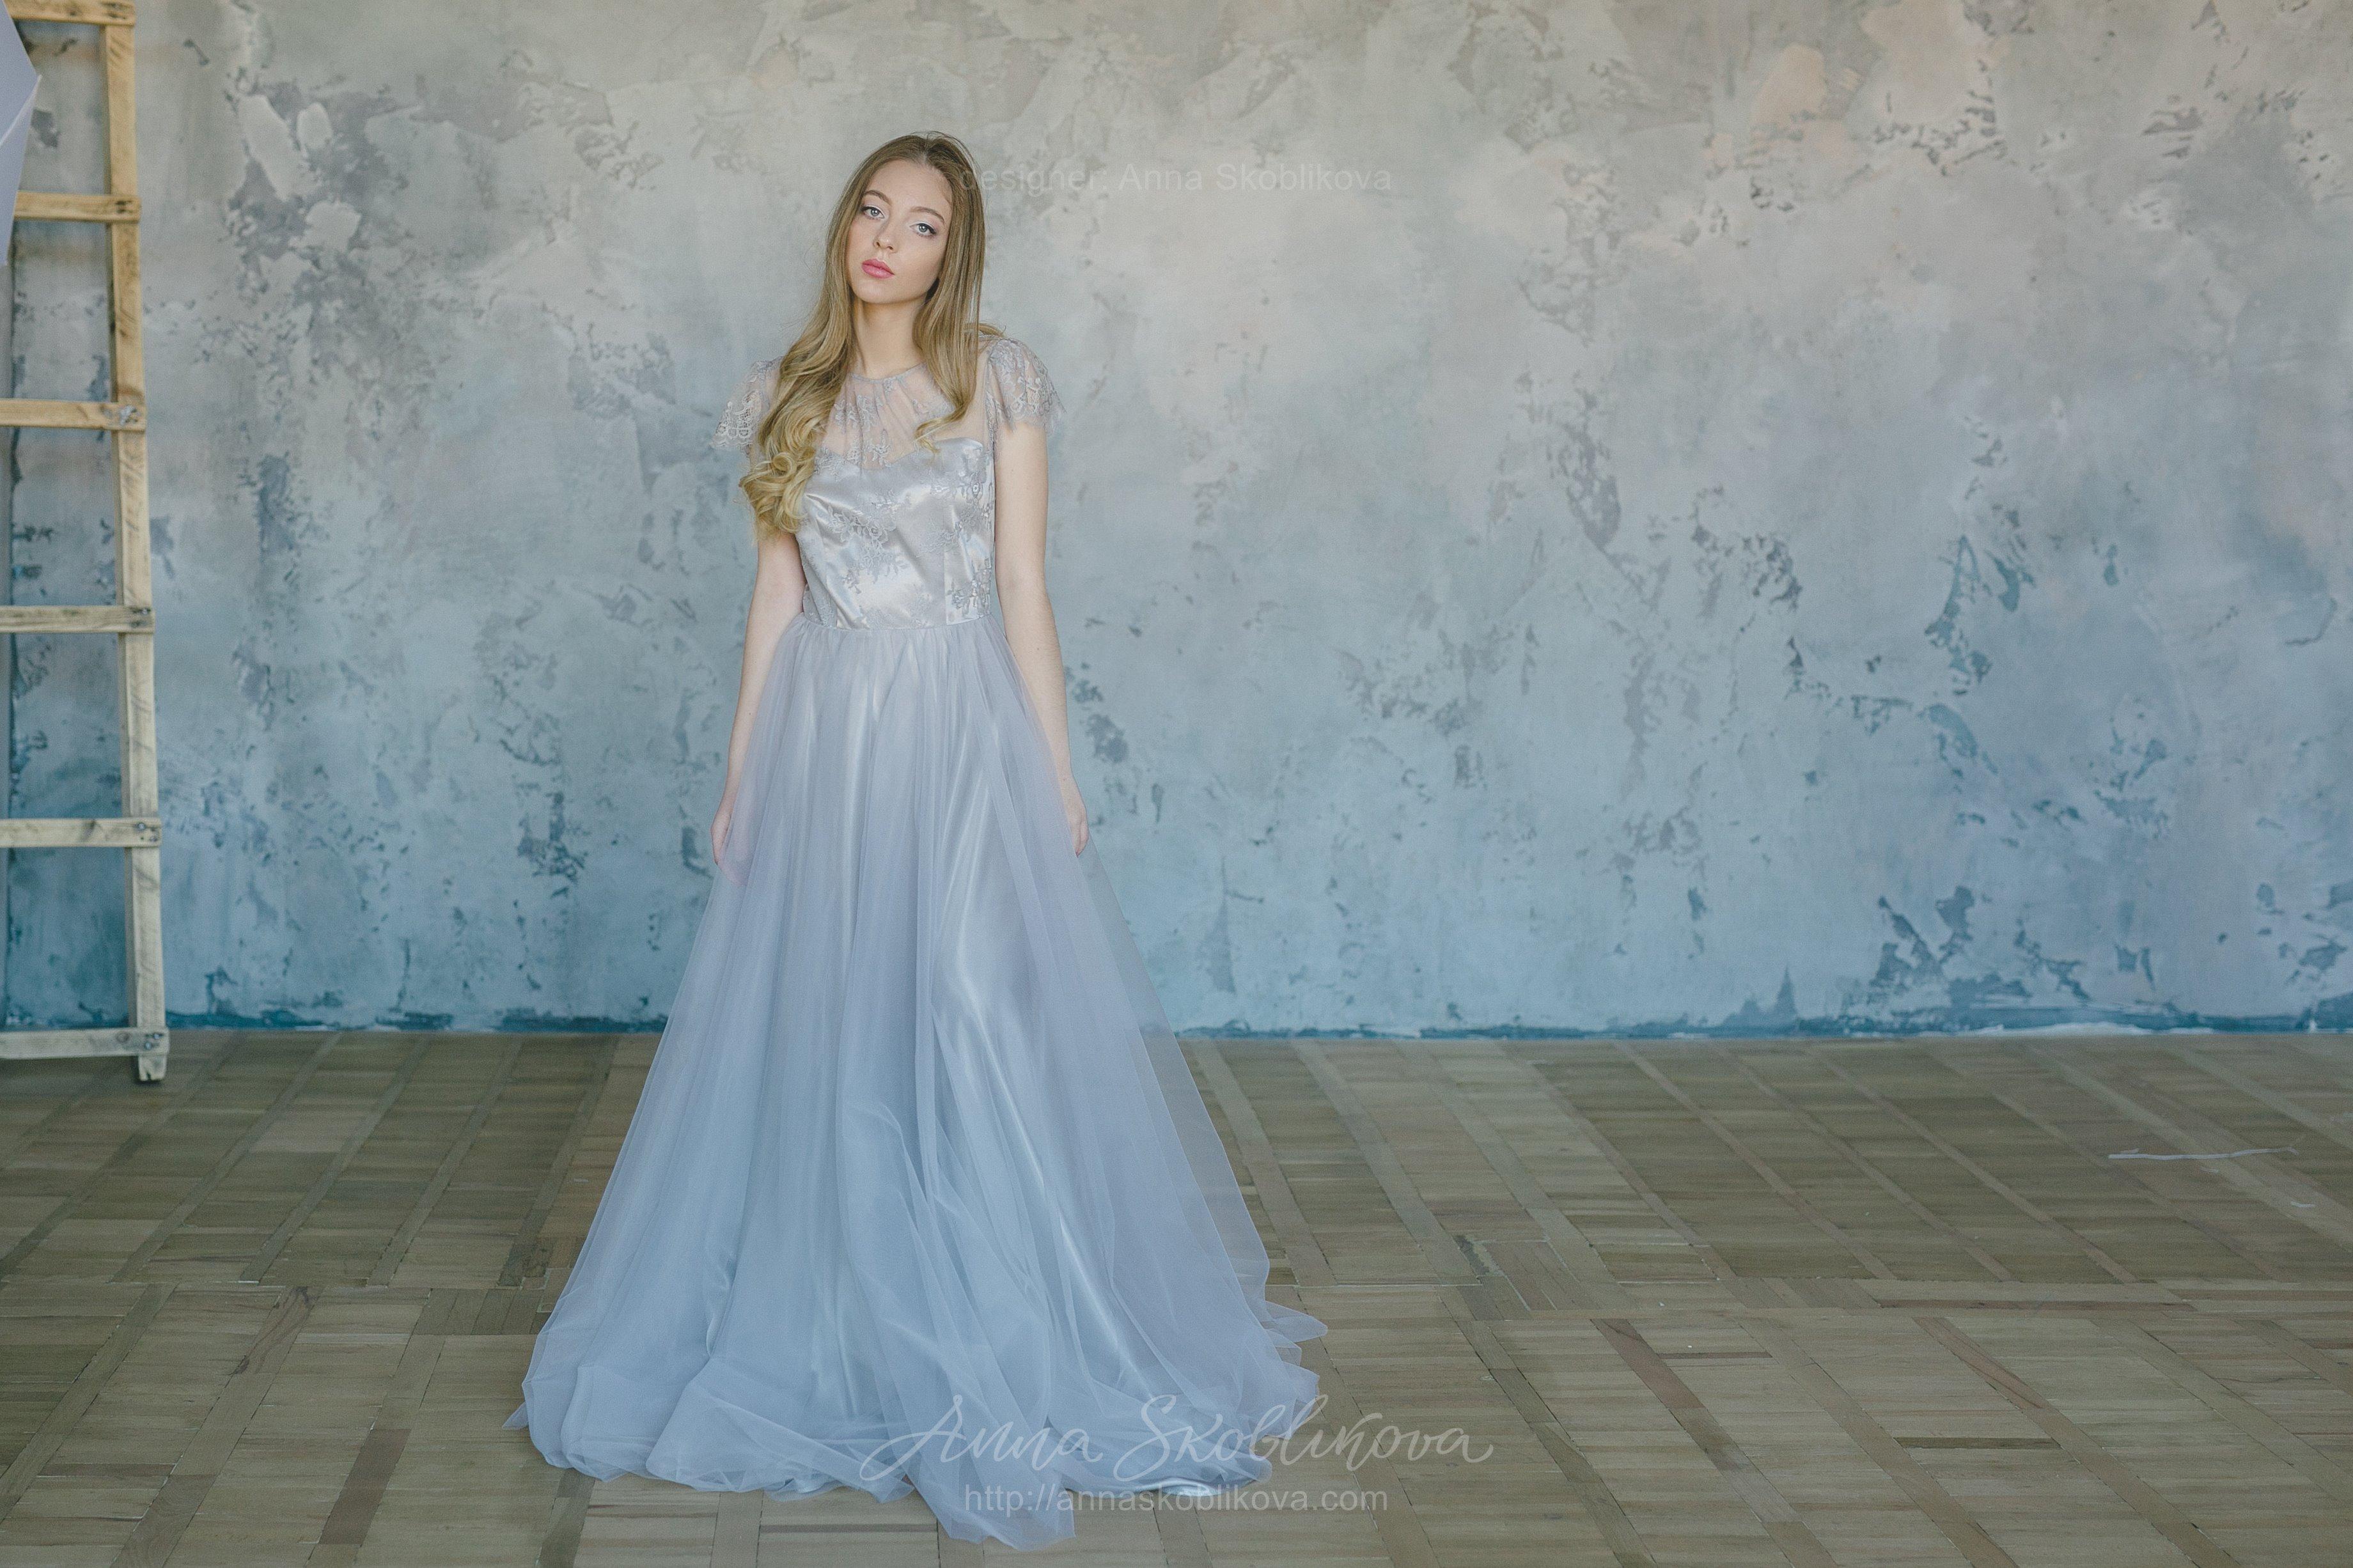 Grey Wedding dress with fine lace waist | Anna Skoblikova - Wedding ...